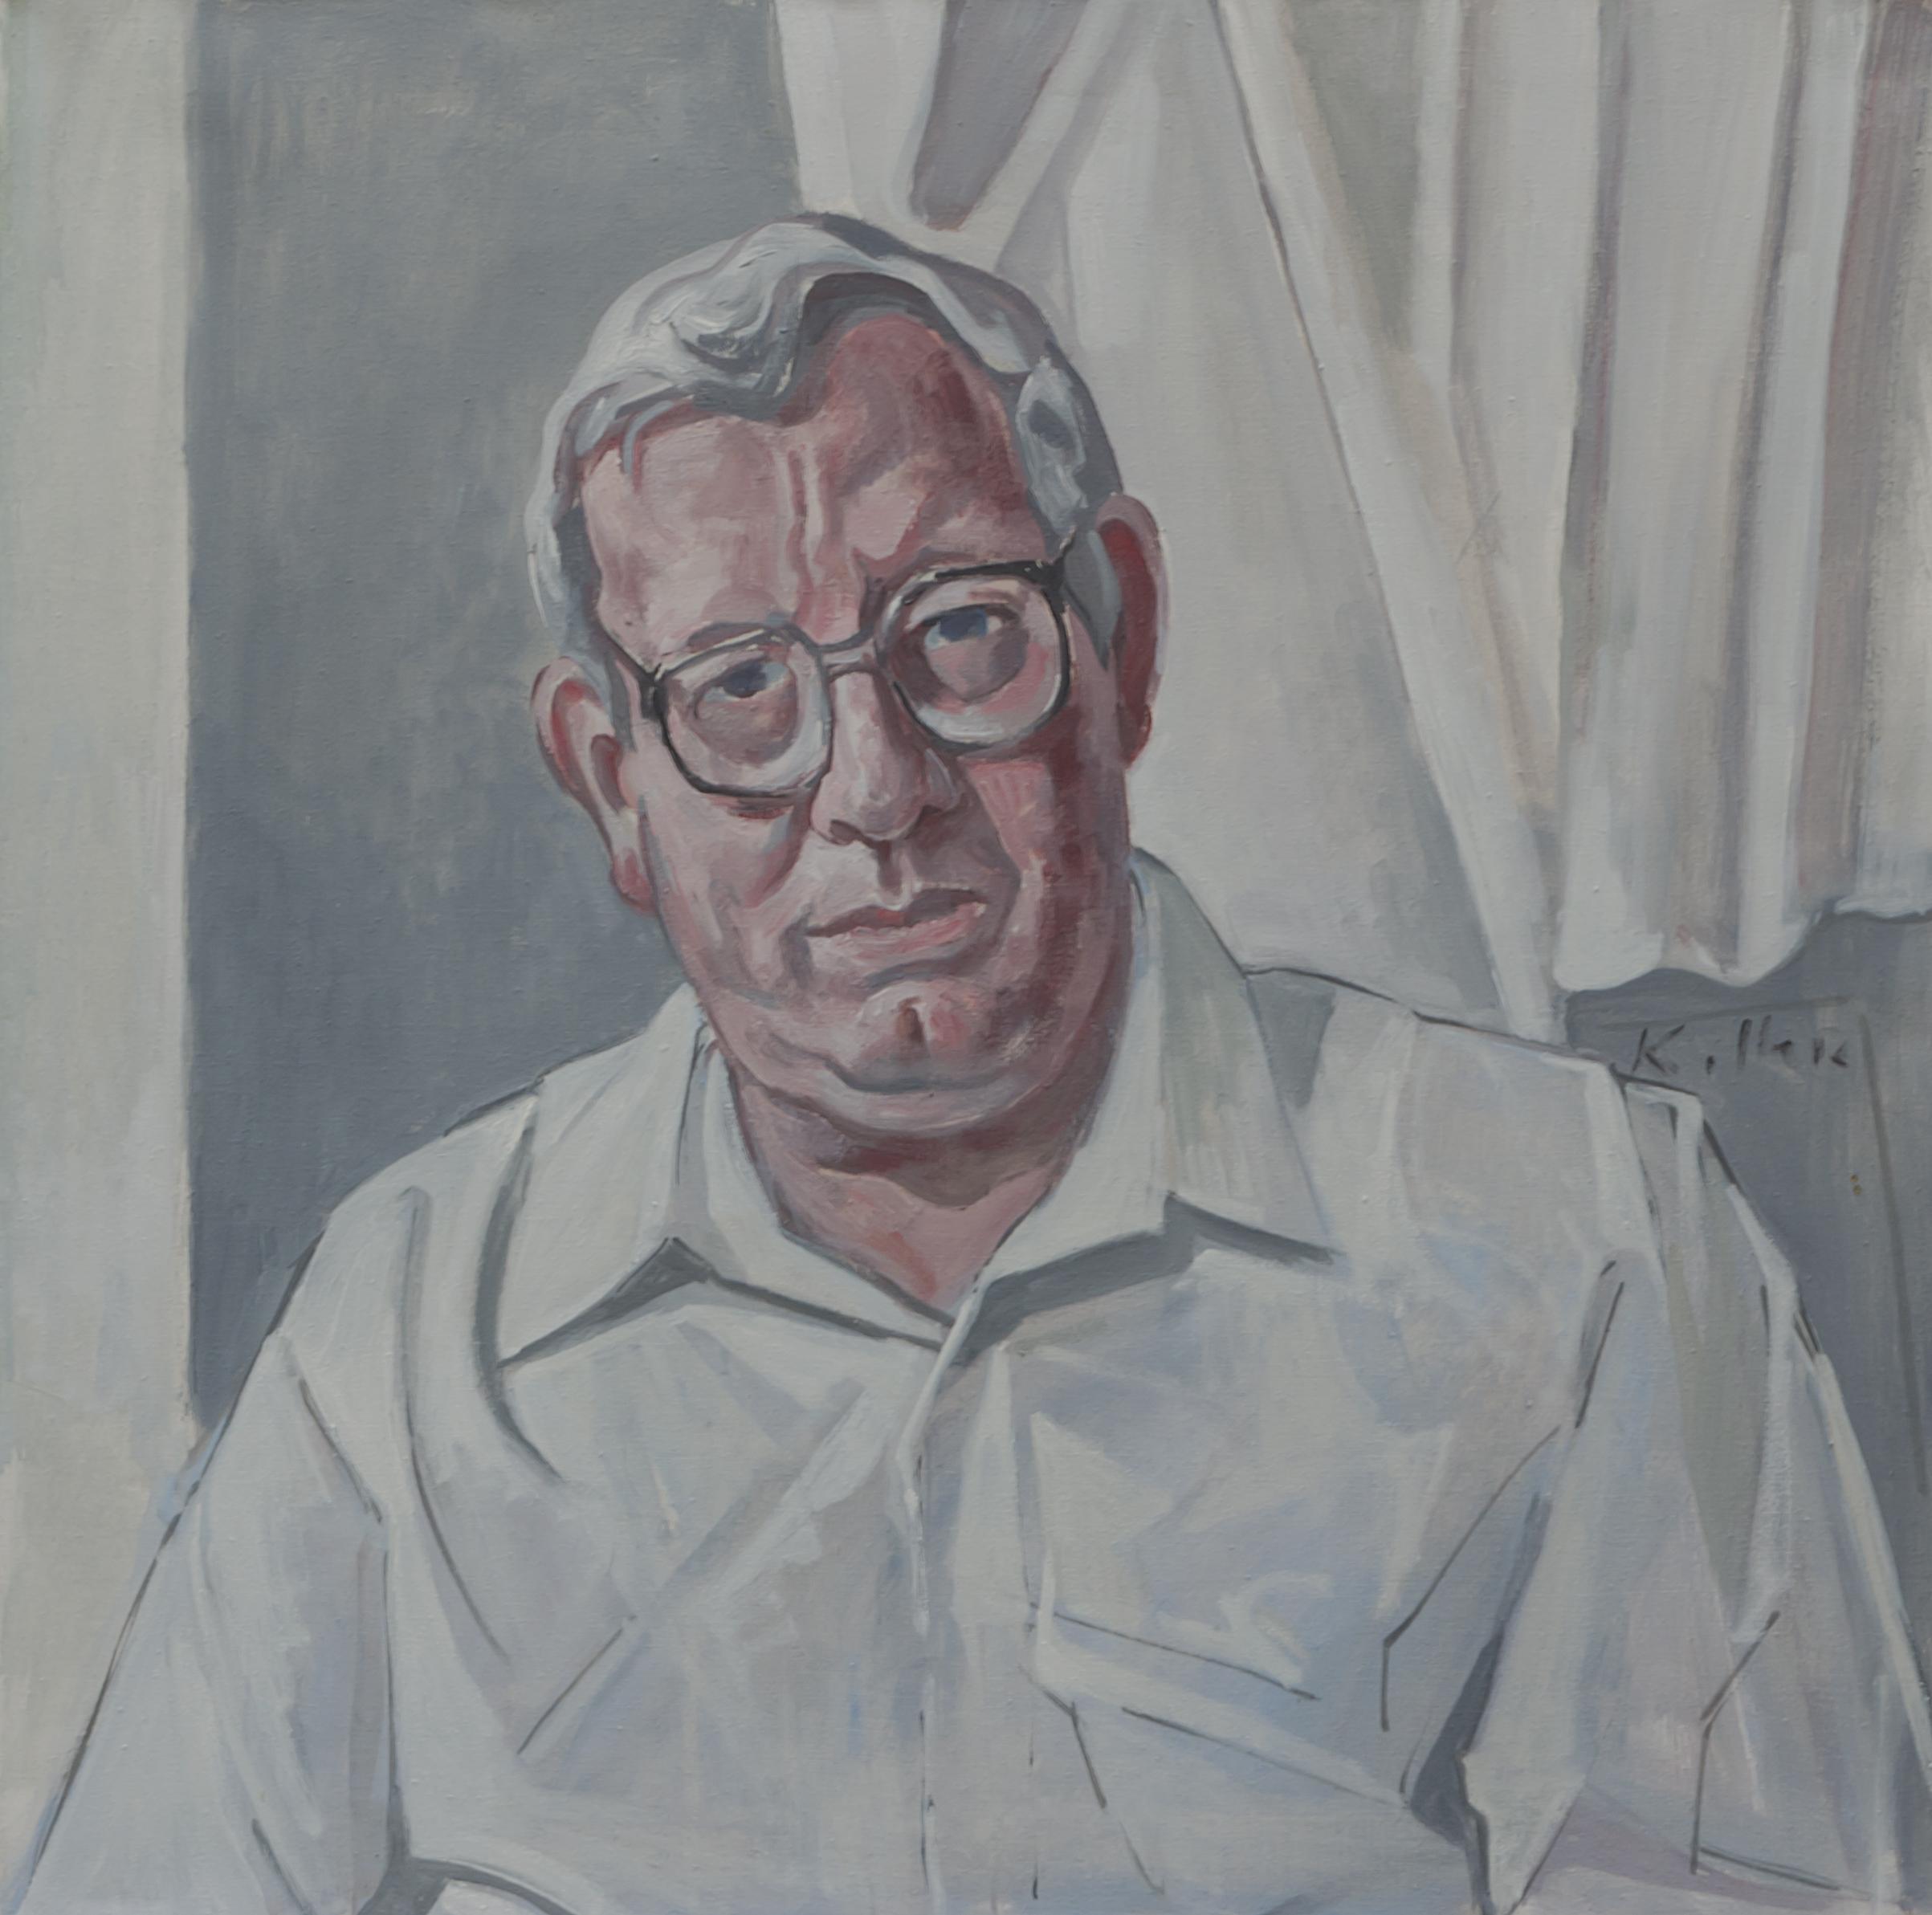 Karl-Josef H.